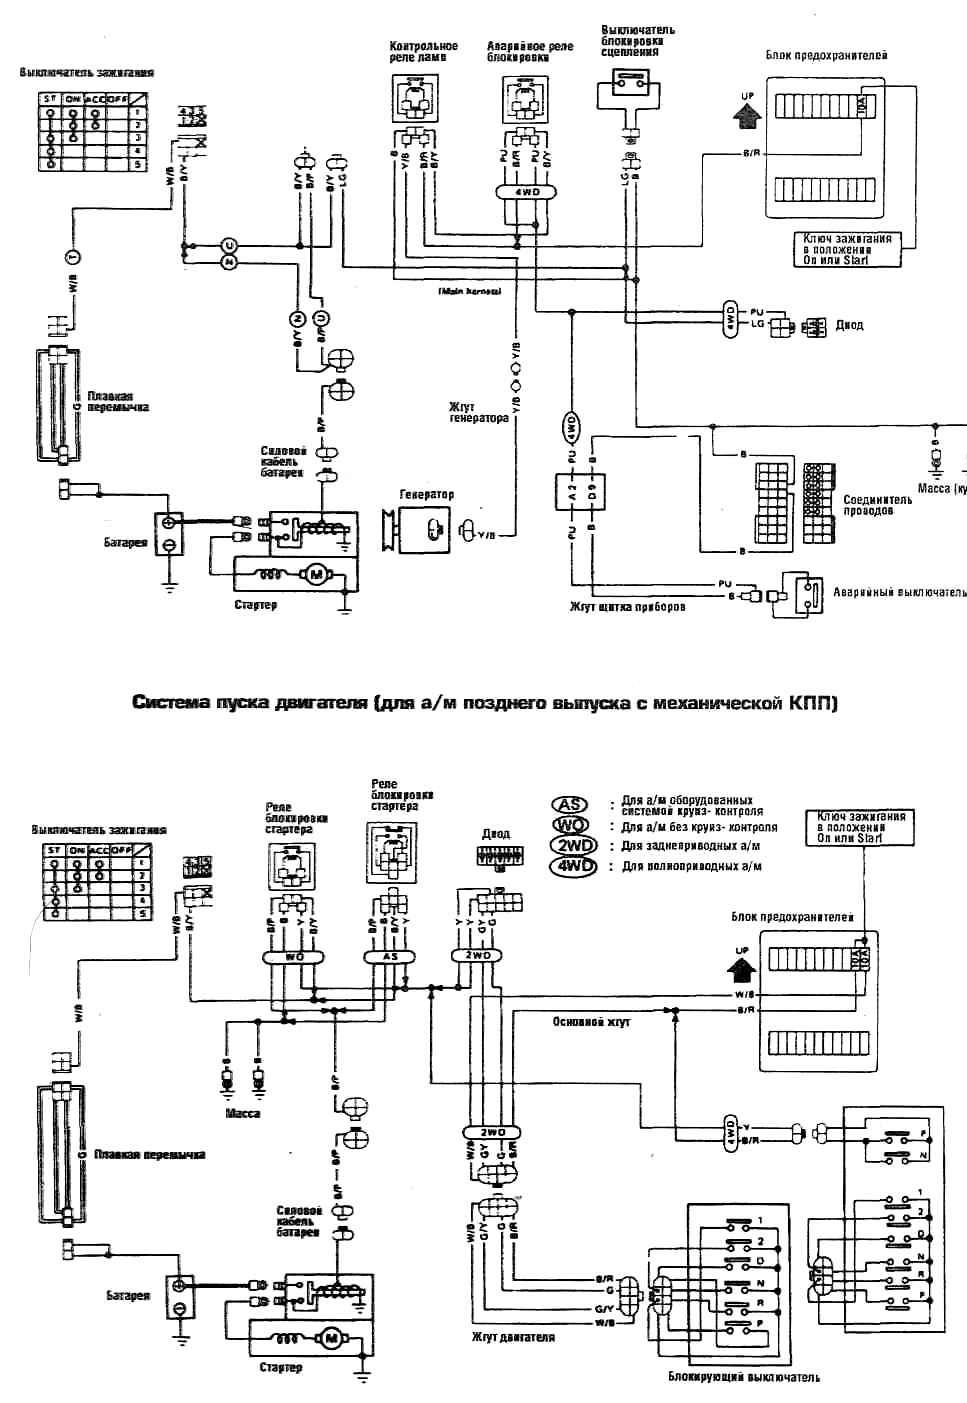 схема зажигания нисан терано 2